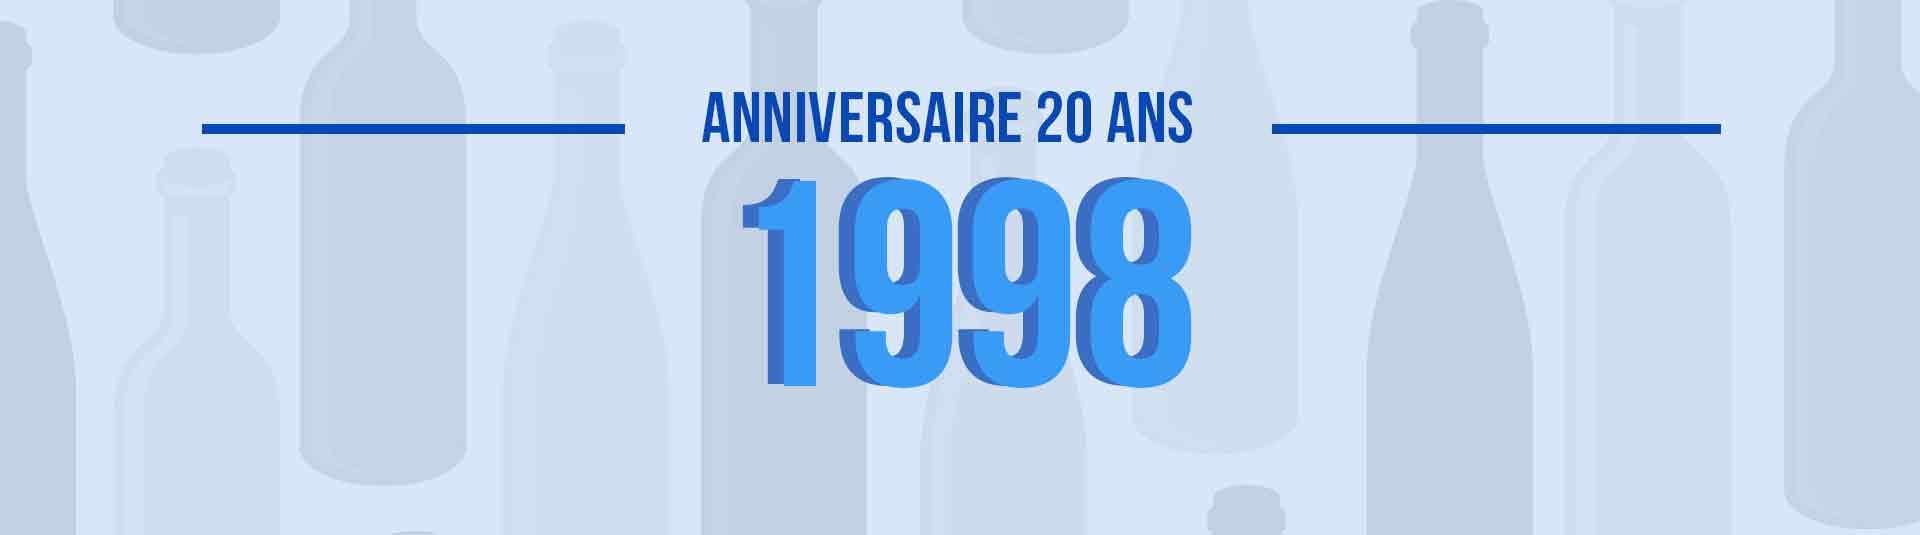 Vins de 1998 : cadeau d'anniversaire 20 ans